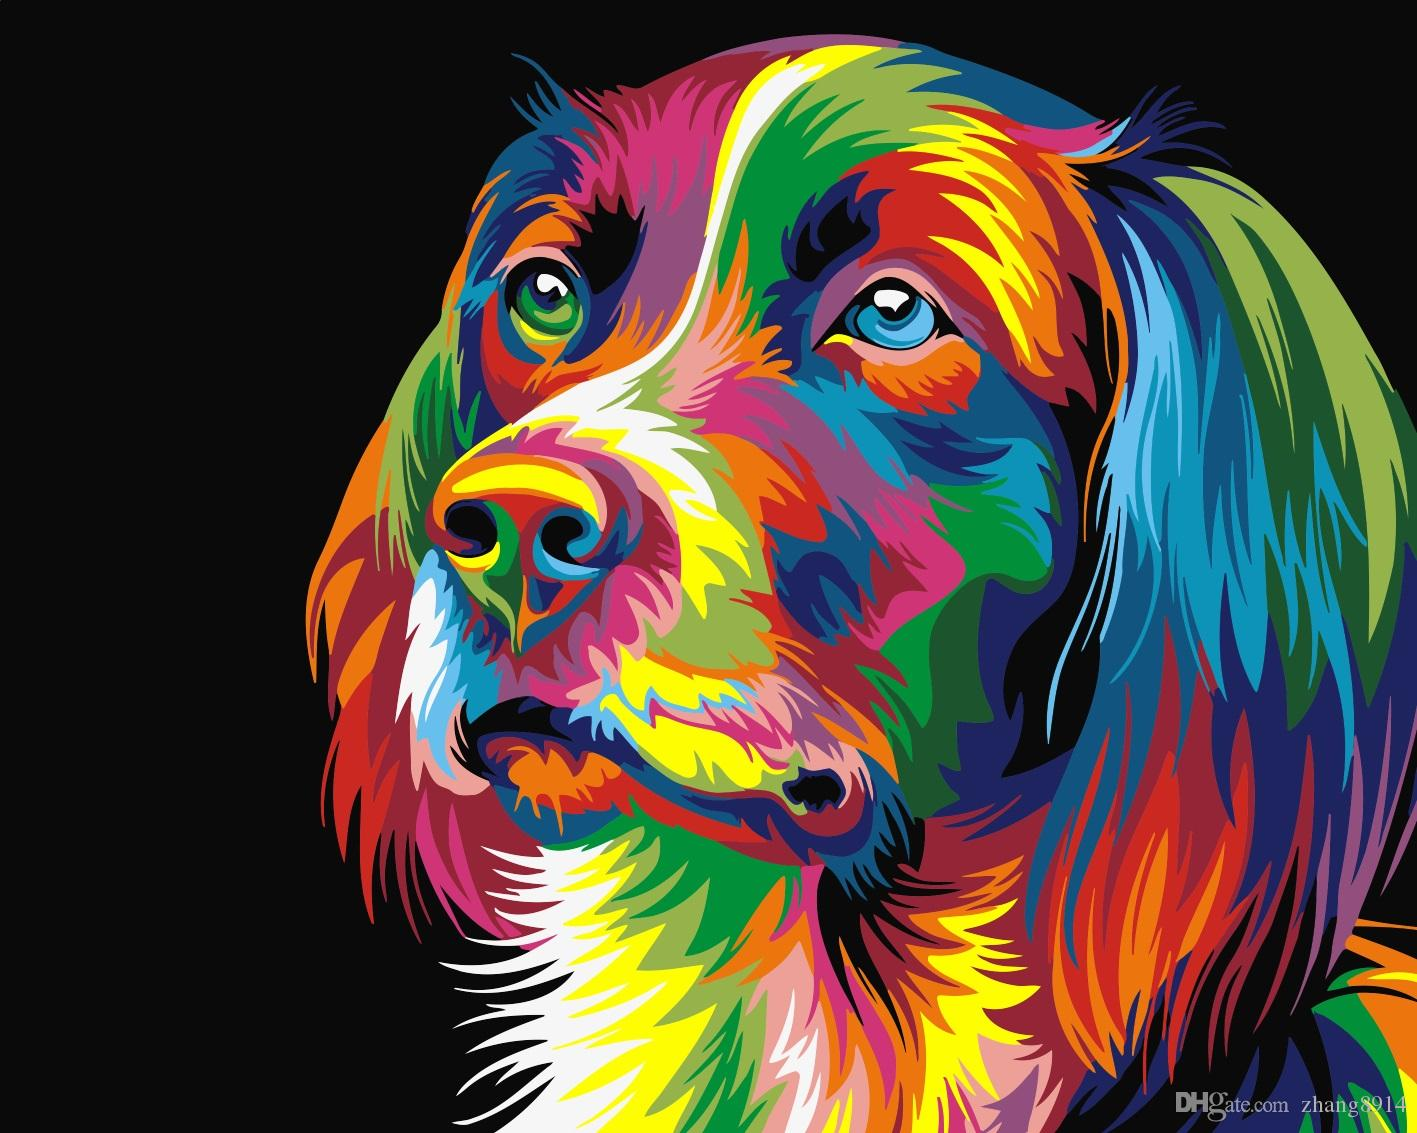 Satın Al 16x20 Inç Diy Vintage Gökkuşağı Renk Yavru Köpek Boya By